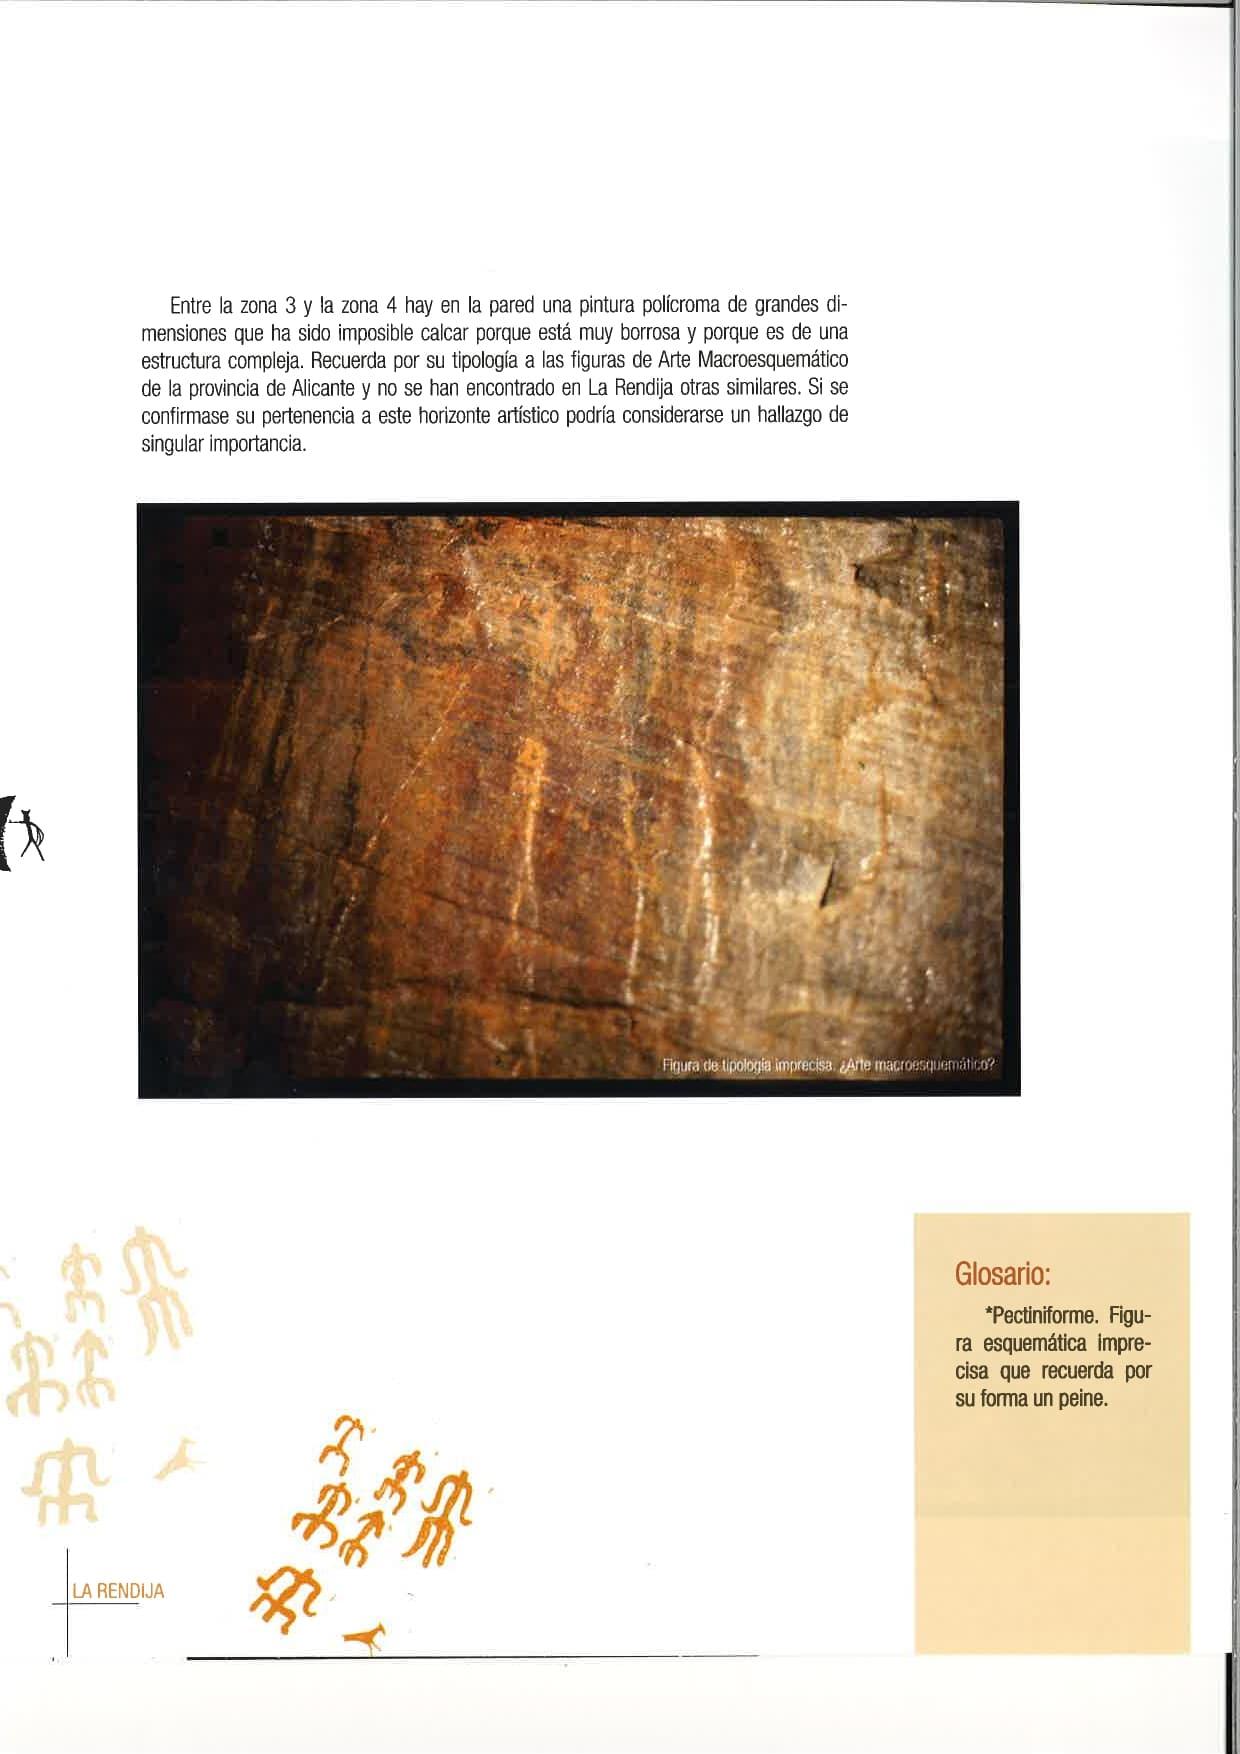 """la rendija herencia page 0017 - Herencia celebró el Día Europeo del Arte Rupestre con """"La Rendija"""""""